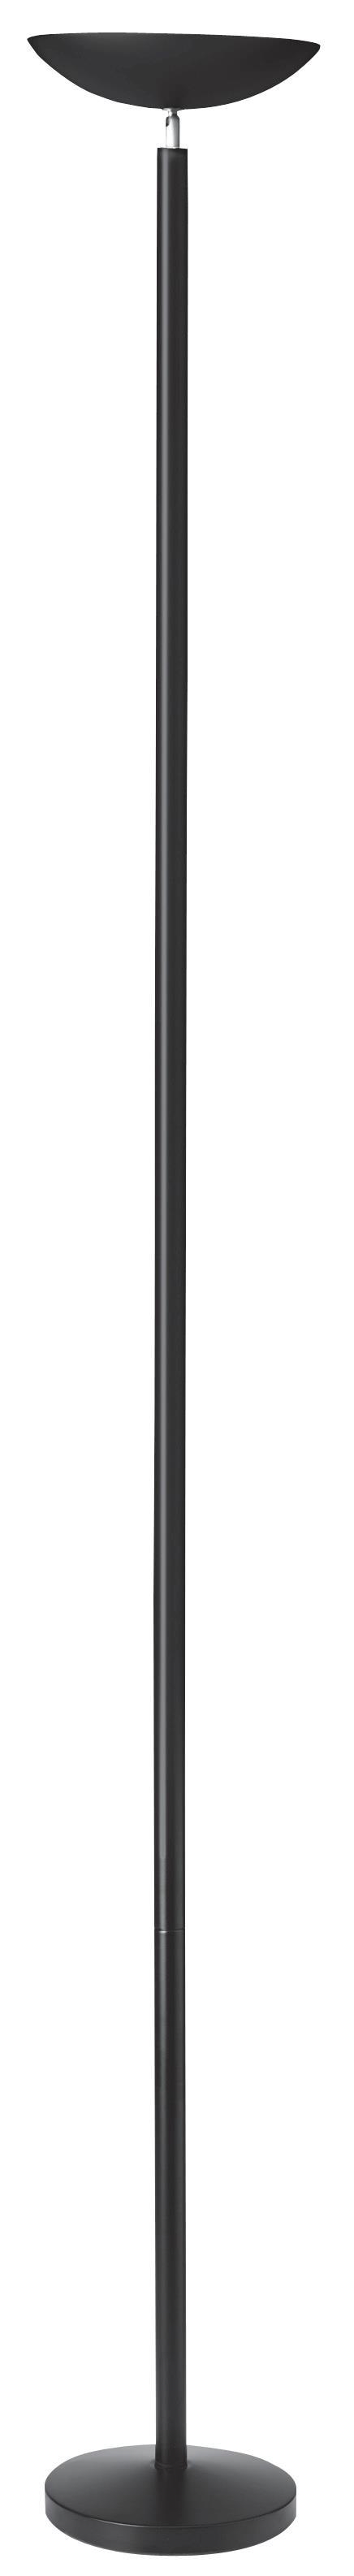 Unilux First Bowl Uplighter Halogen H1800mm Black Ref 100340558